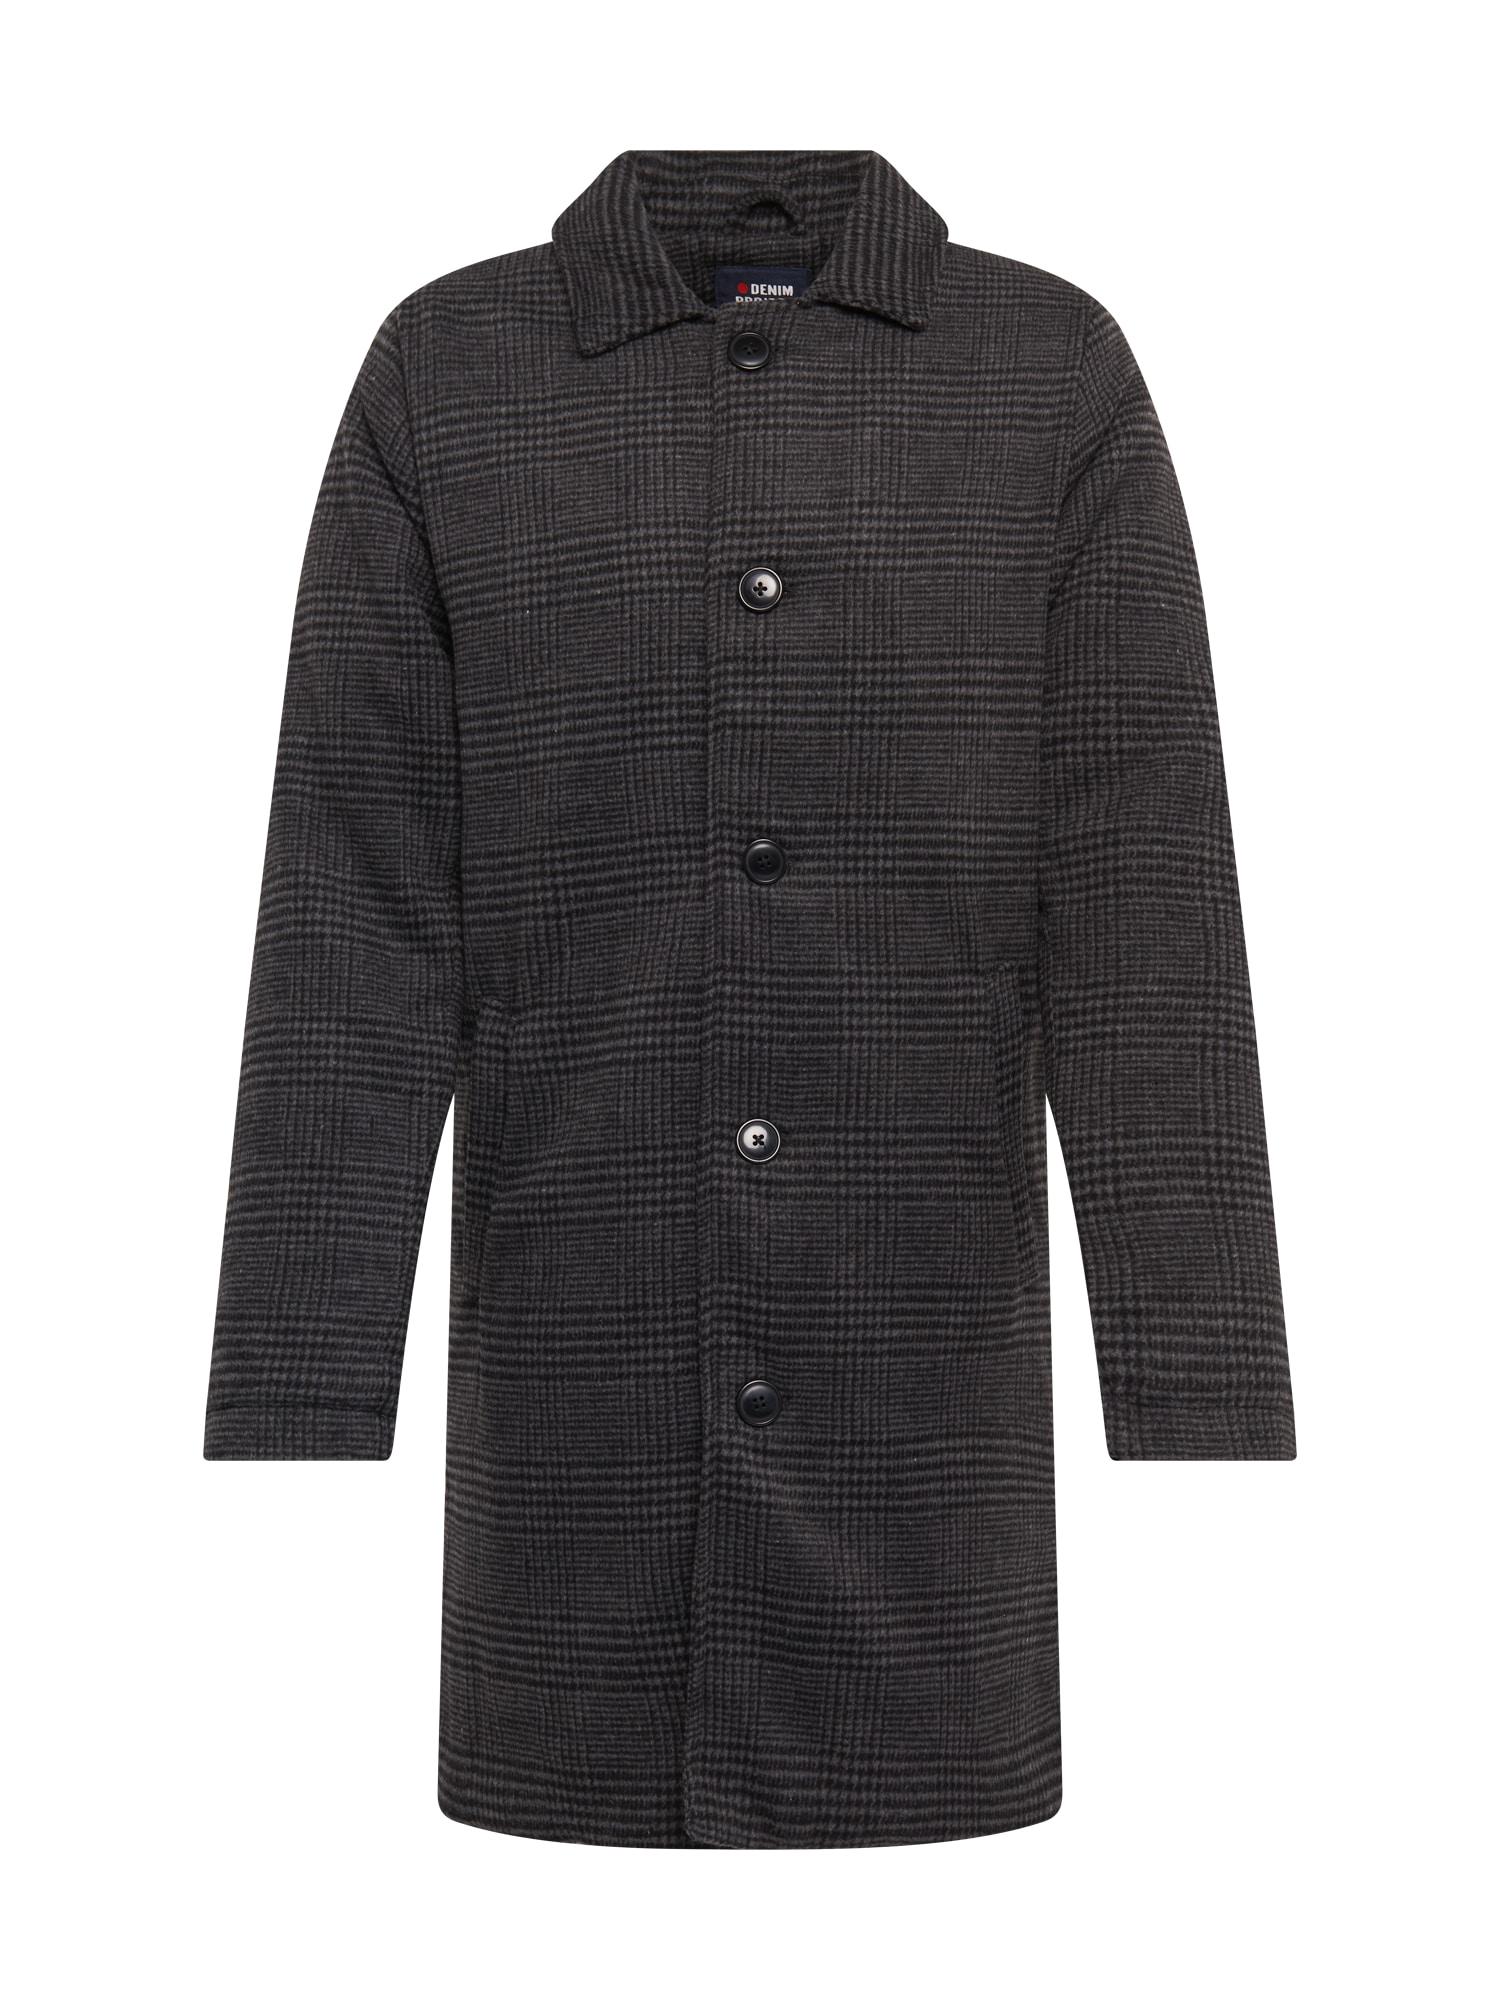 Denim Project Přechodný kabát  černá / tmavě šedá